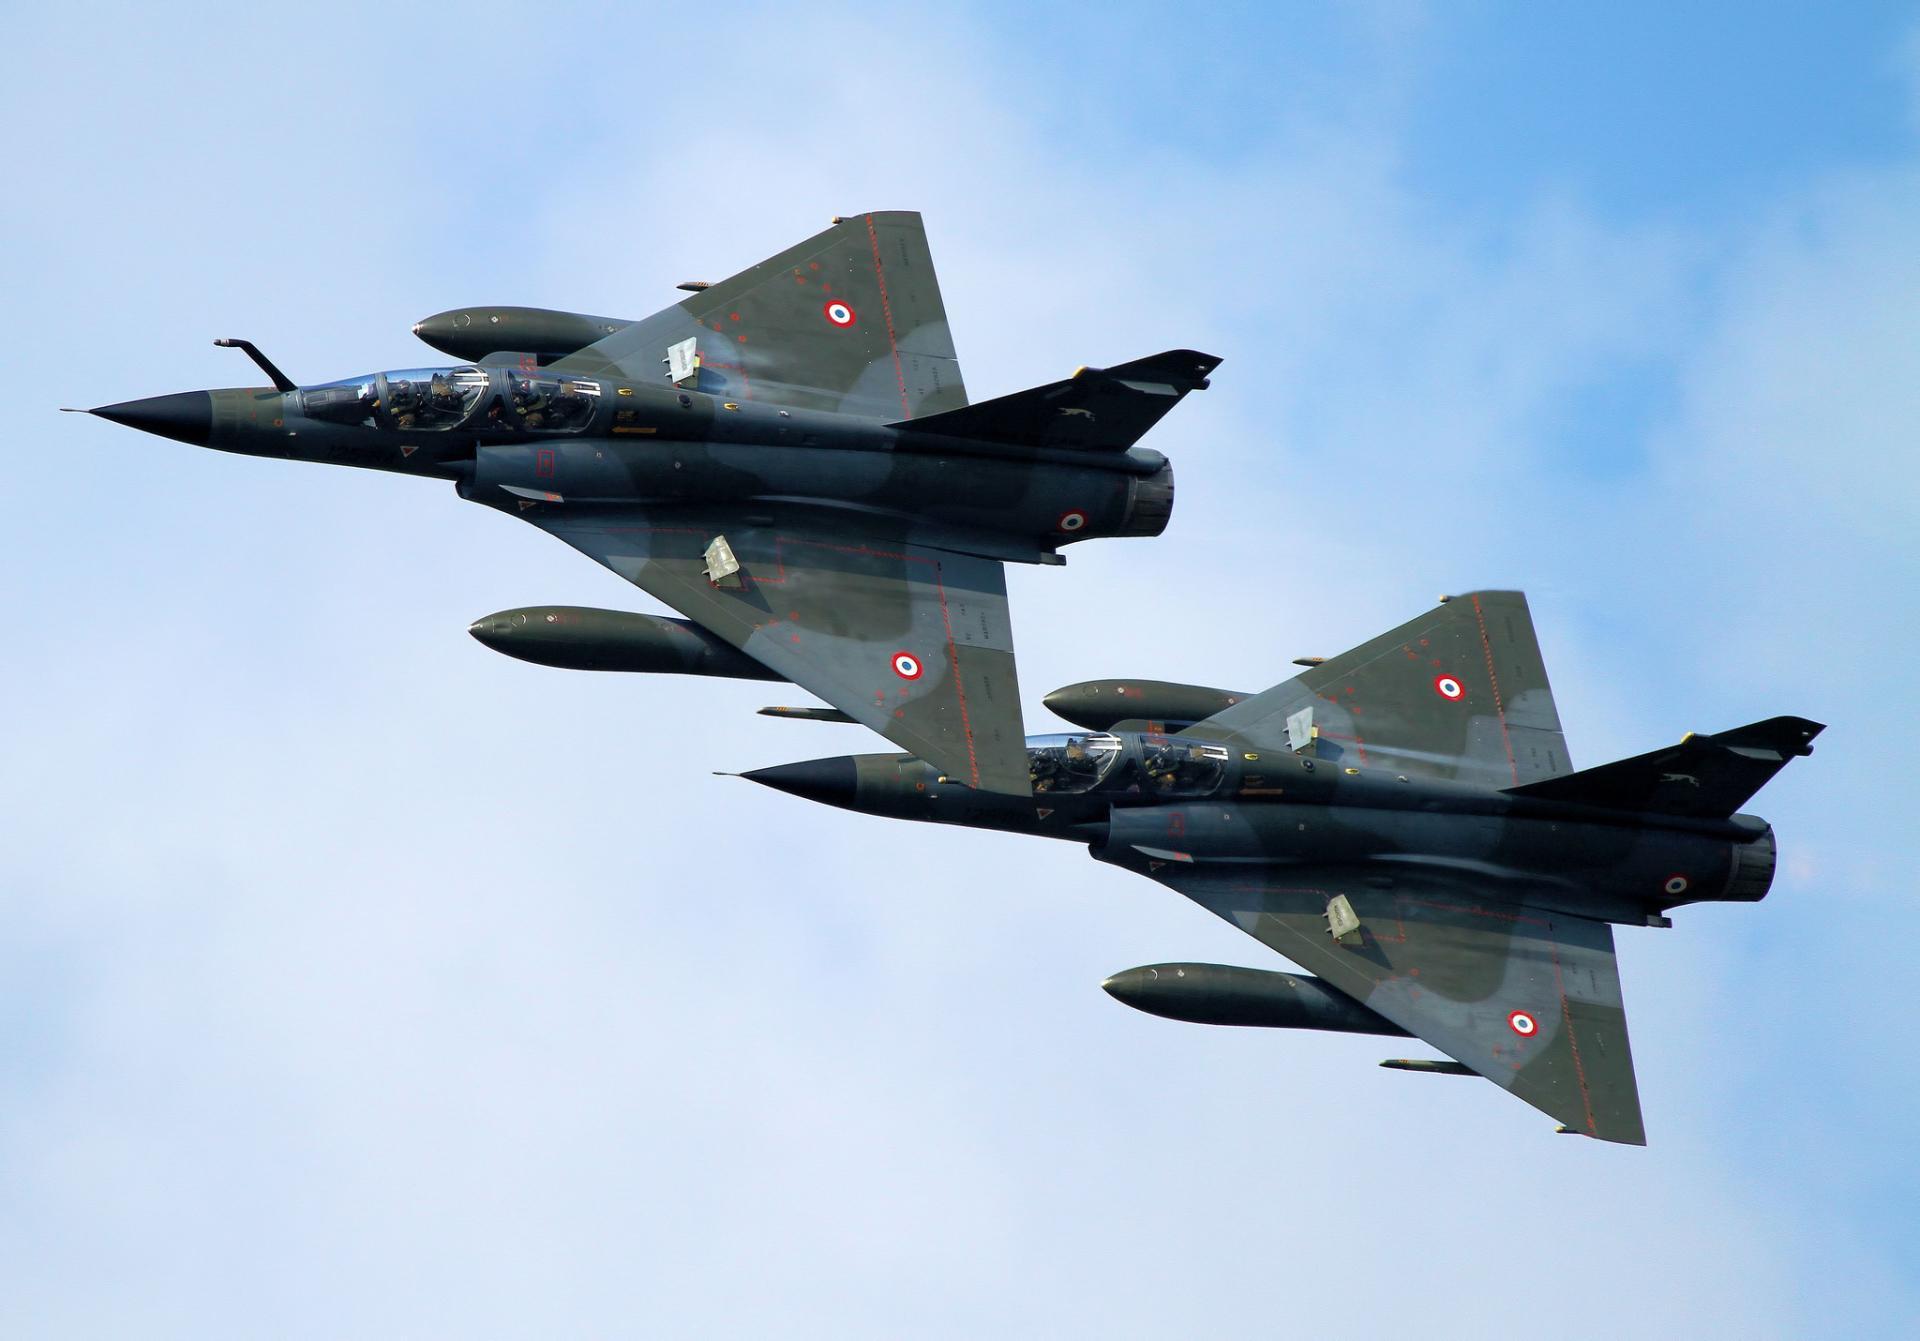 Dassault Mirage 2000 New Wallpaper Dassault Mirage 2000